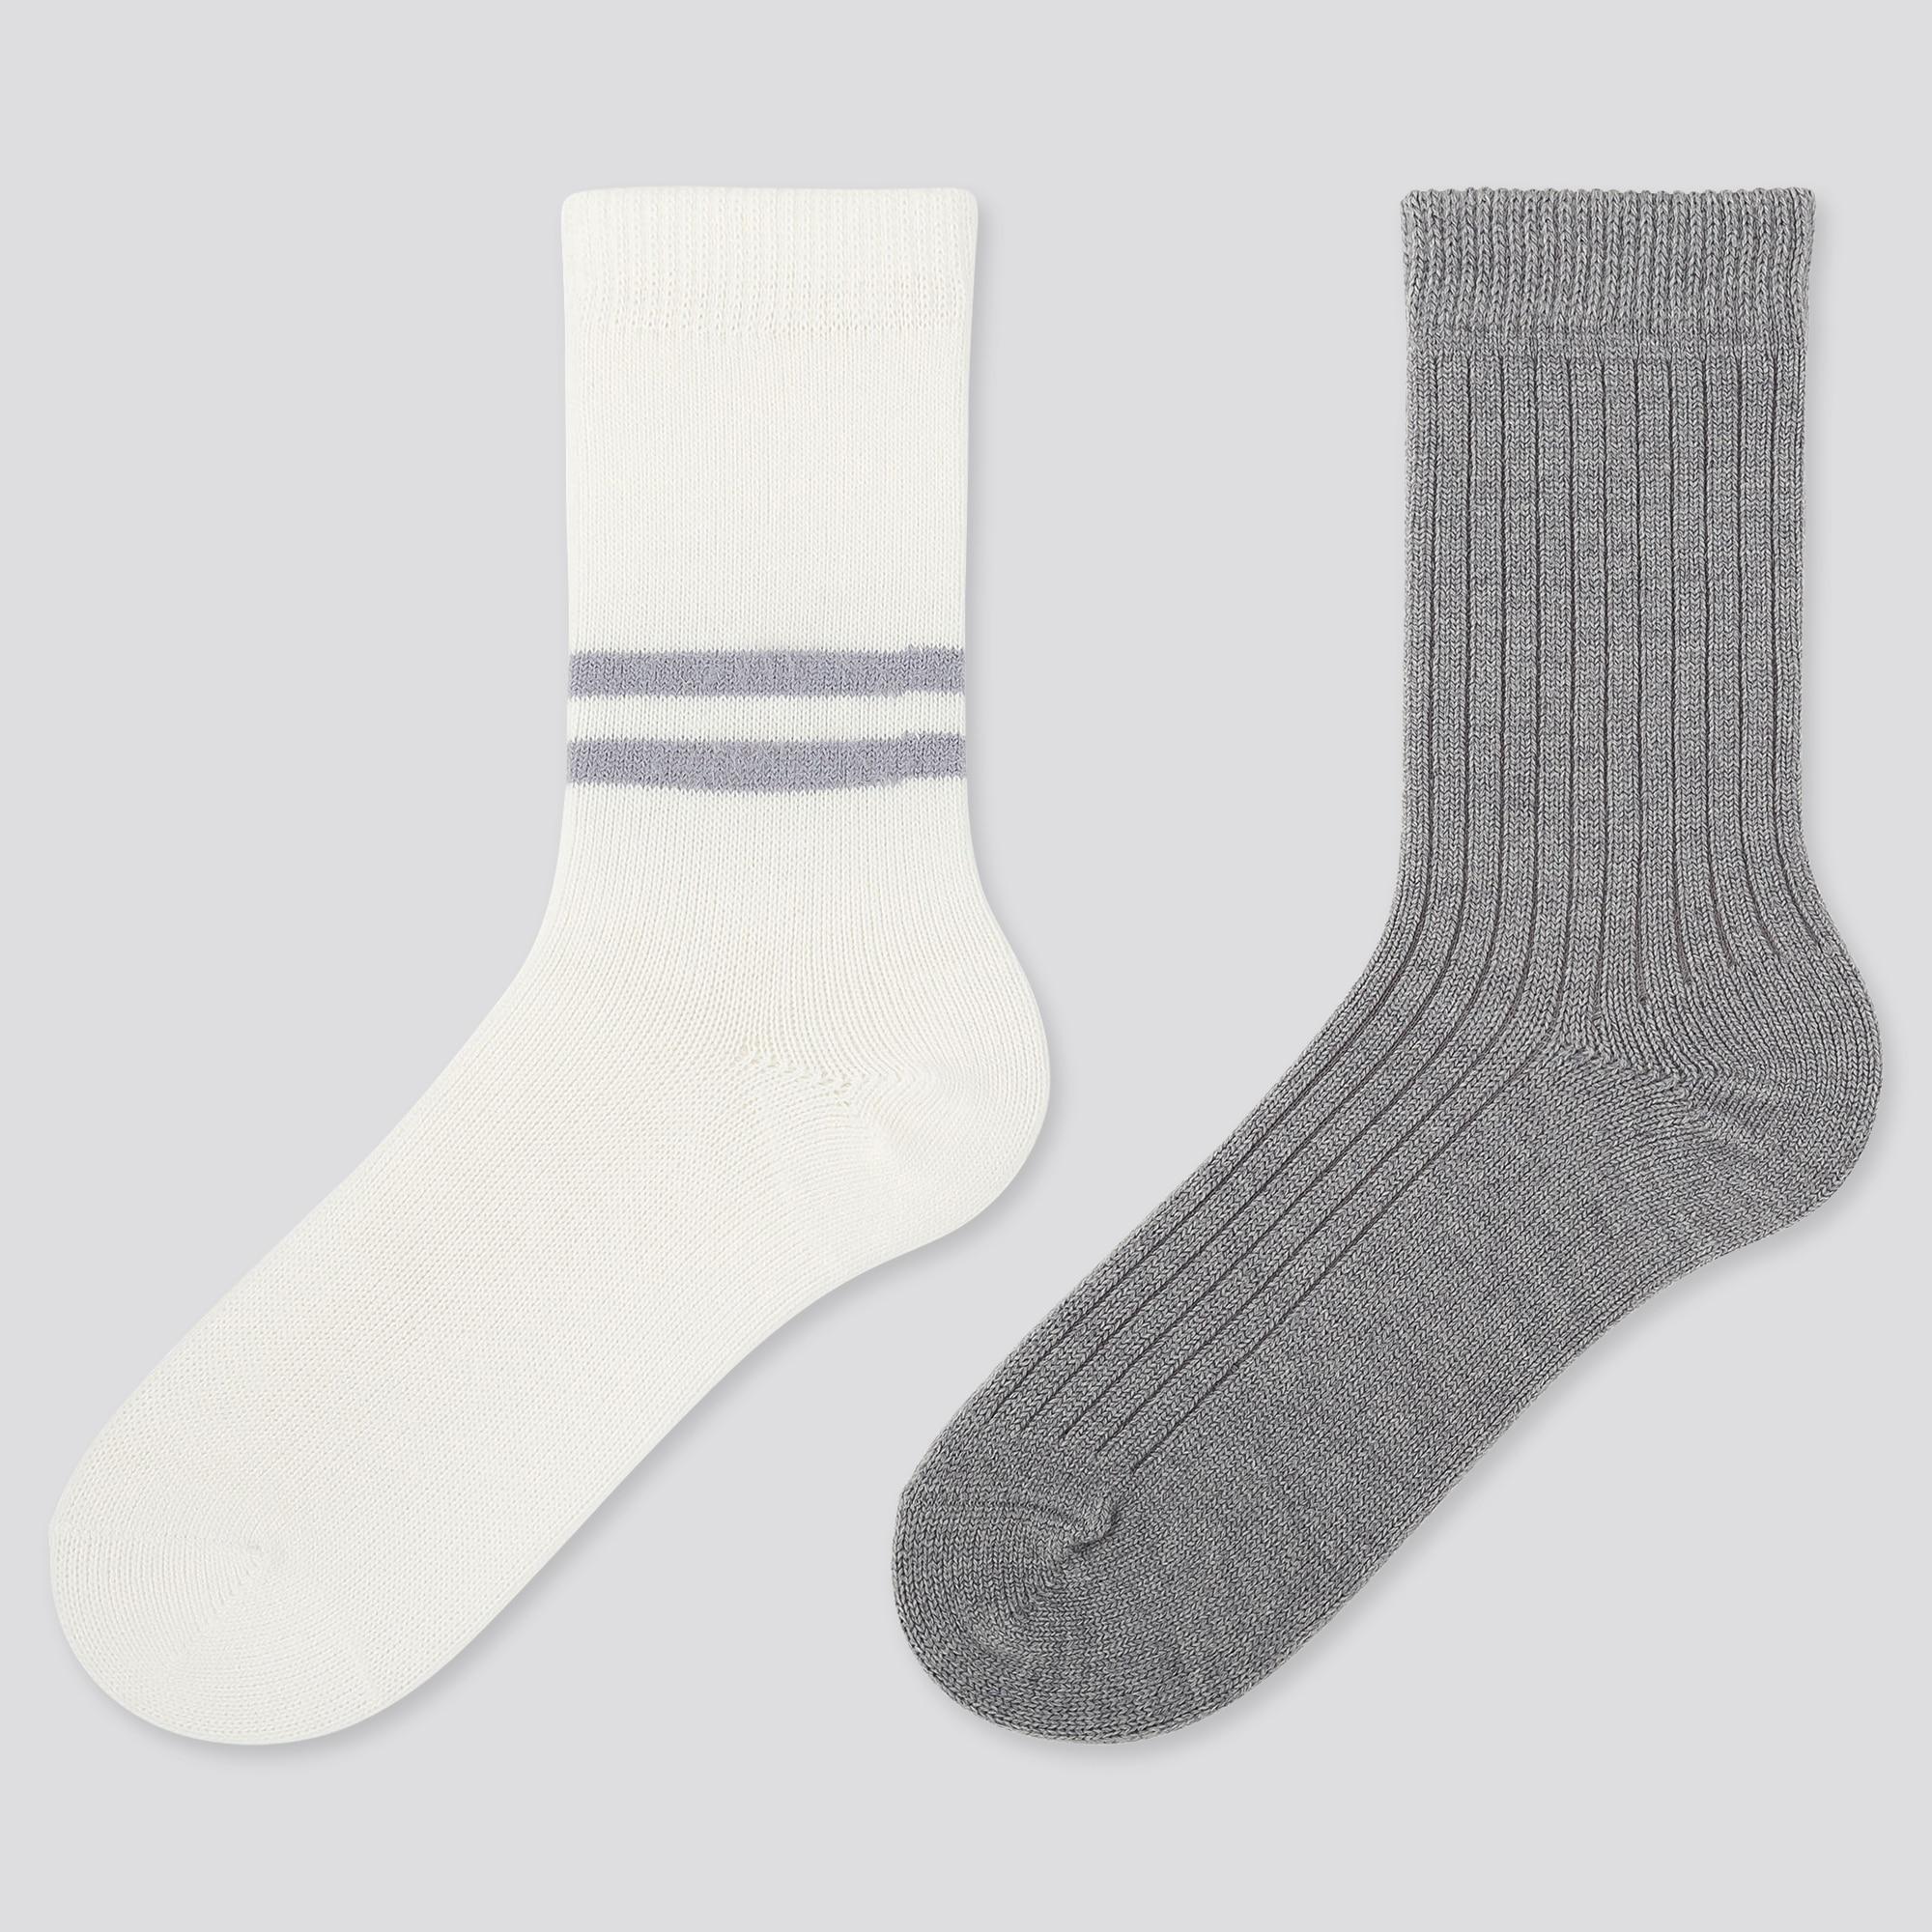 women-heattech-line-socks-(2-pairs) by uniqlo